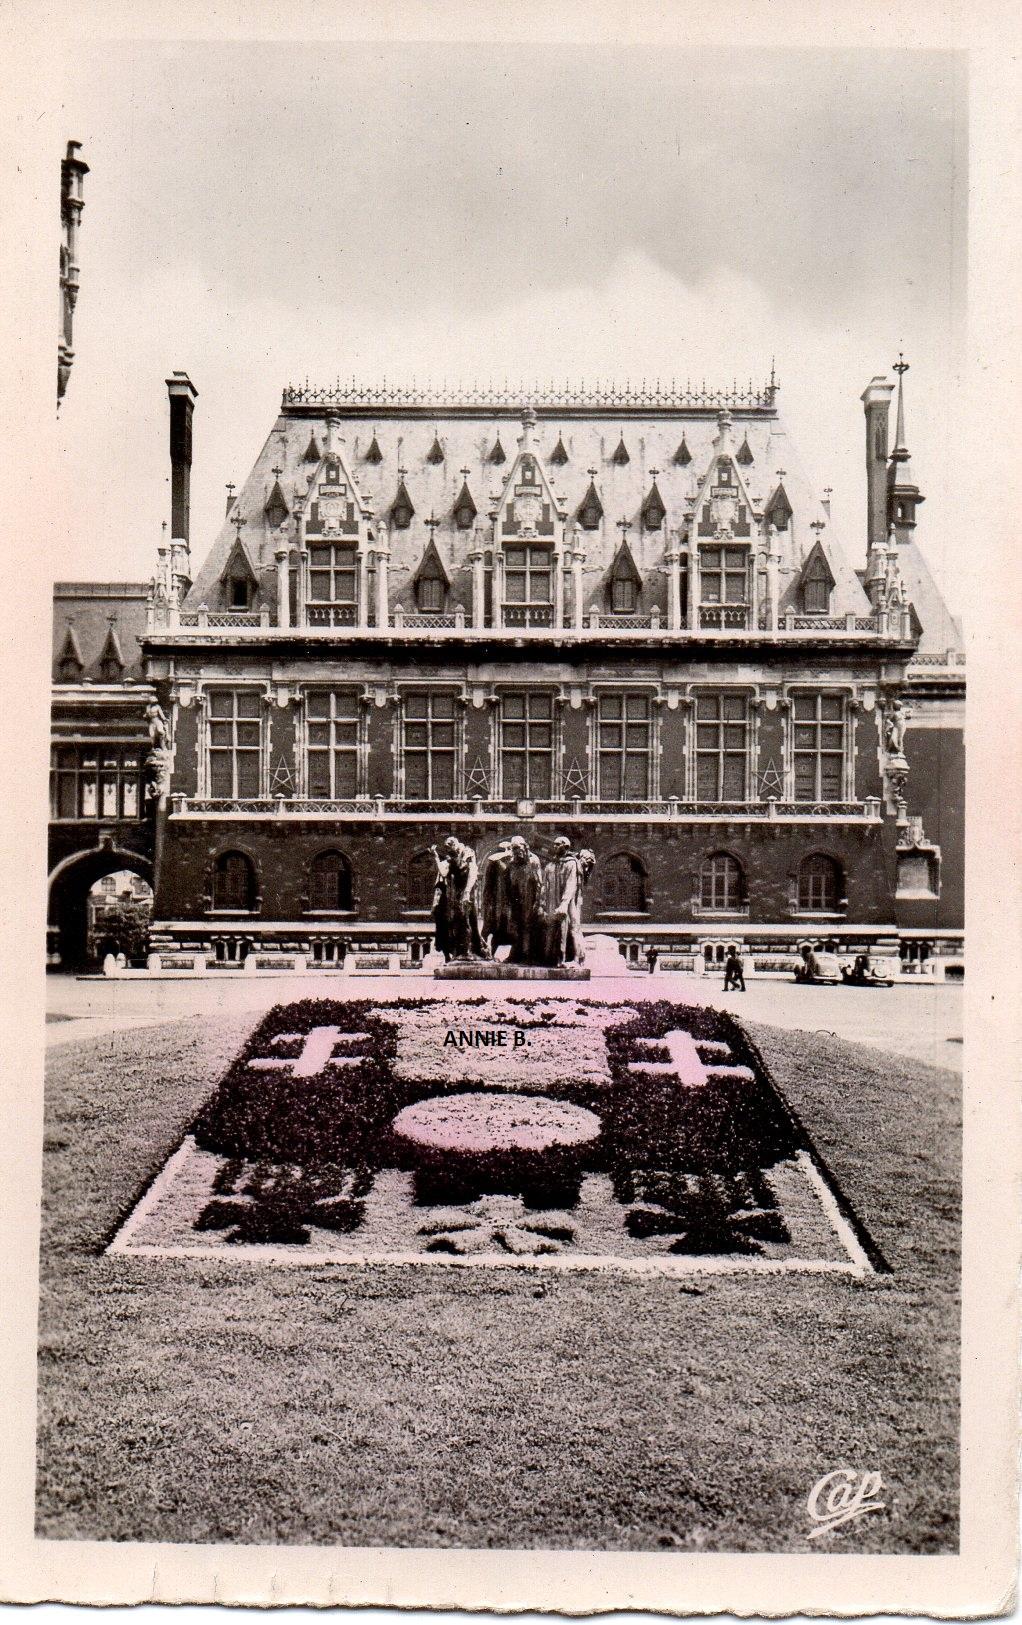 Rétro, La mairie de Calais et son blason fleuri